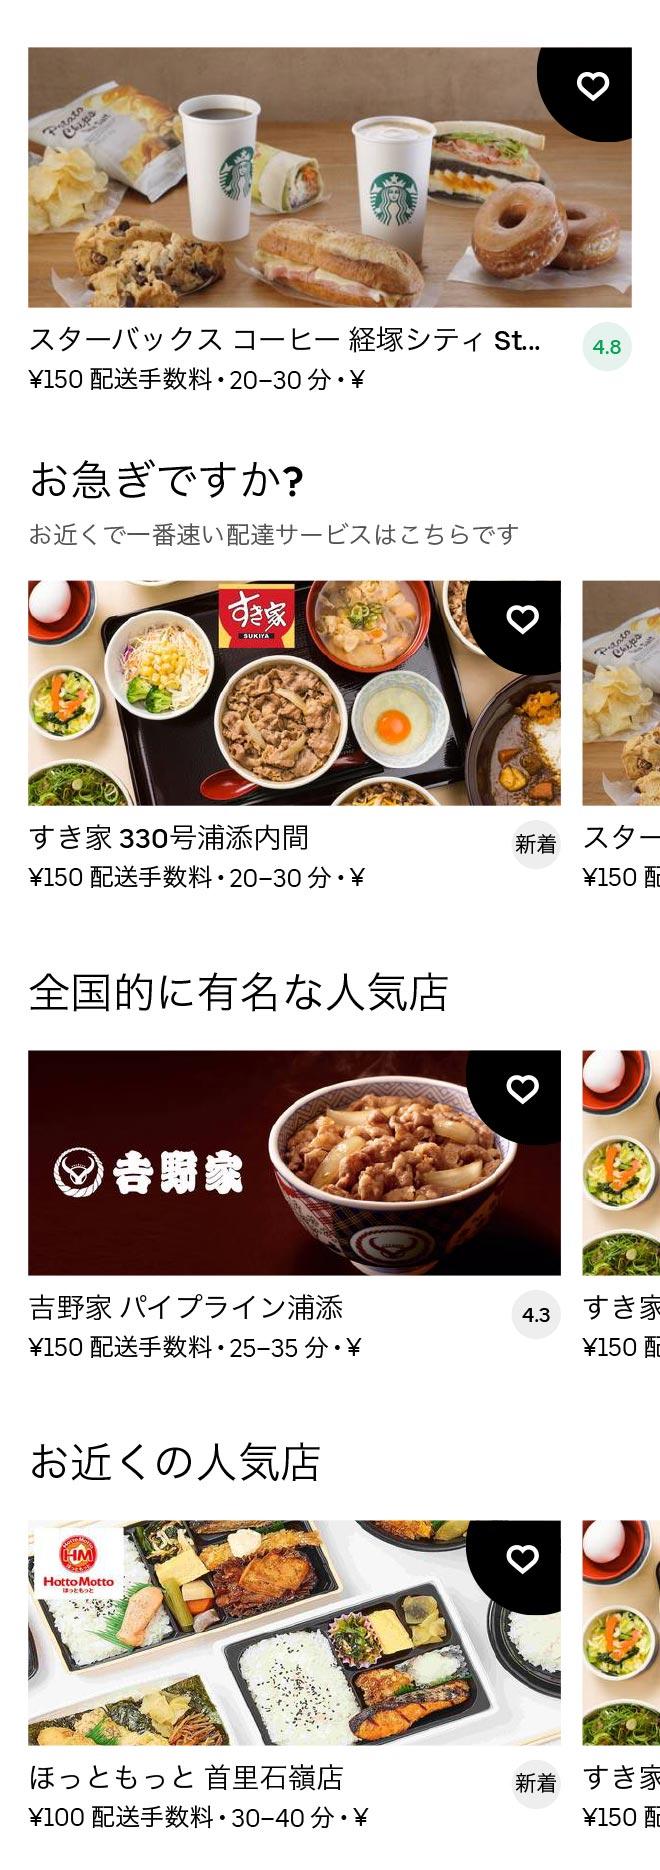 Urazoe maeda menu 2011 01